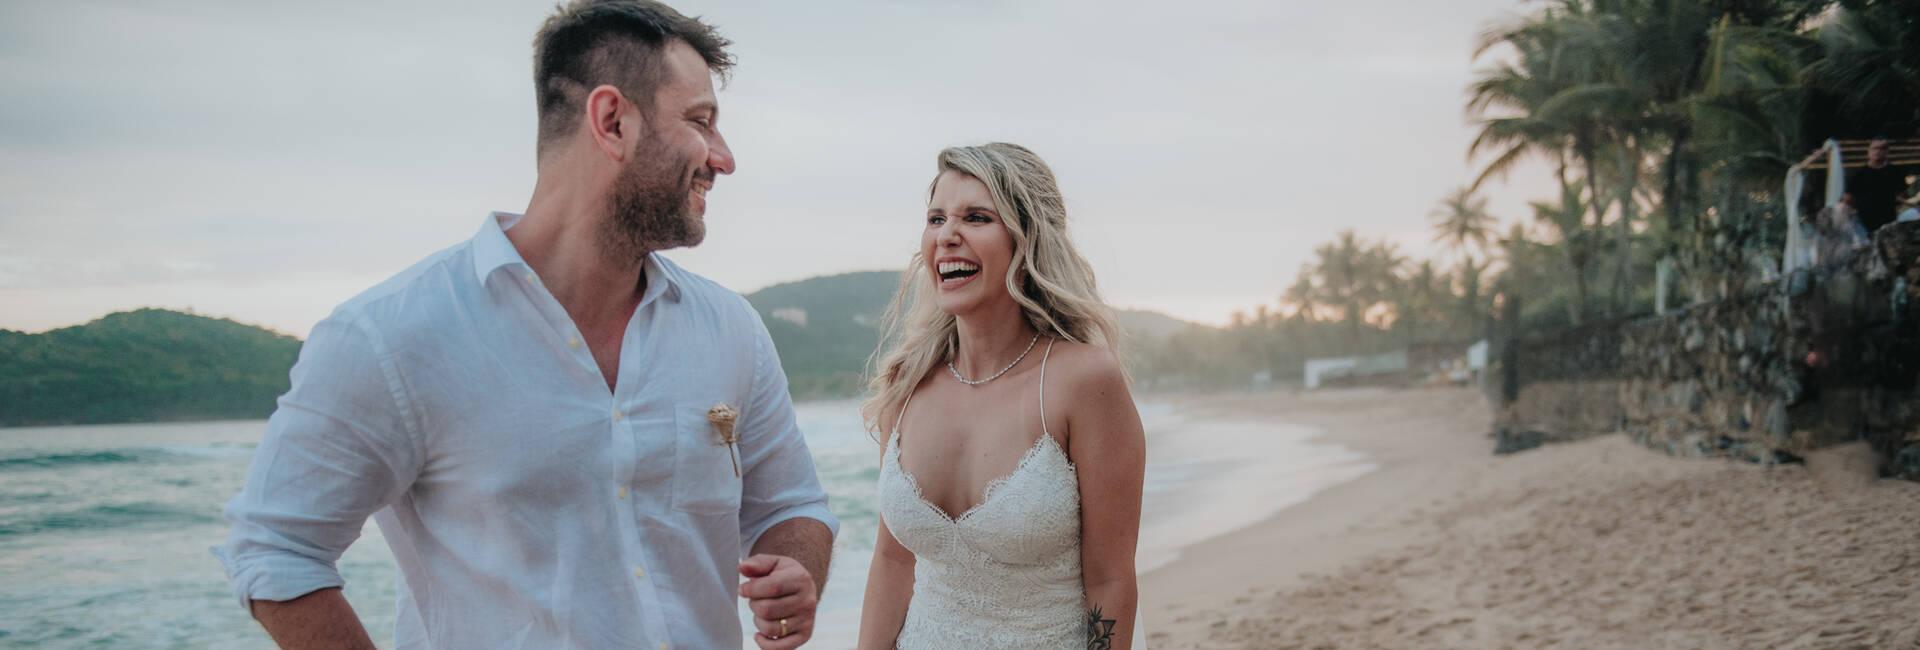 Casamento de Bruna & Léo Bianchi